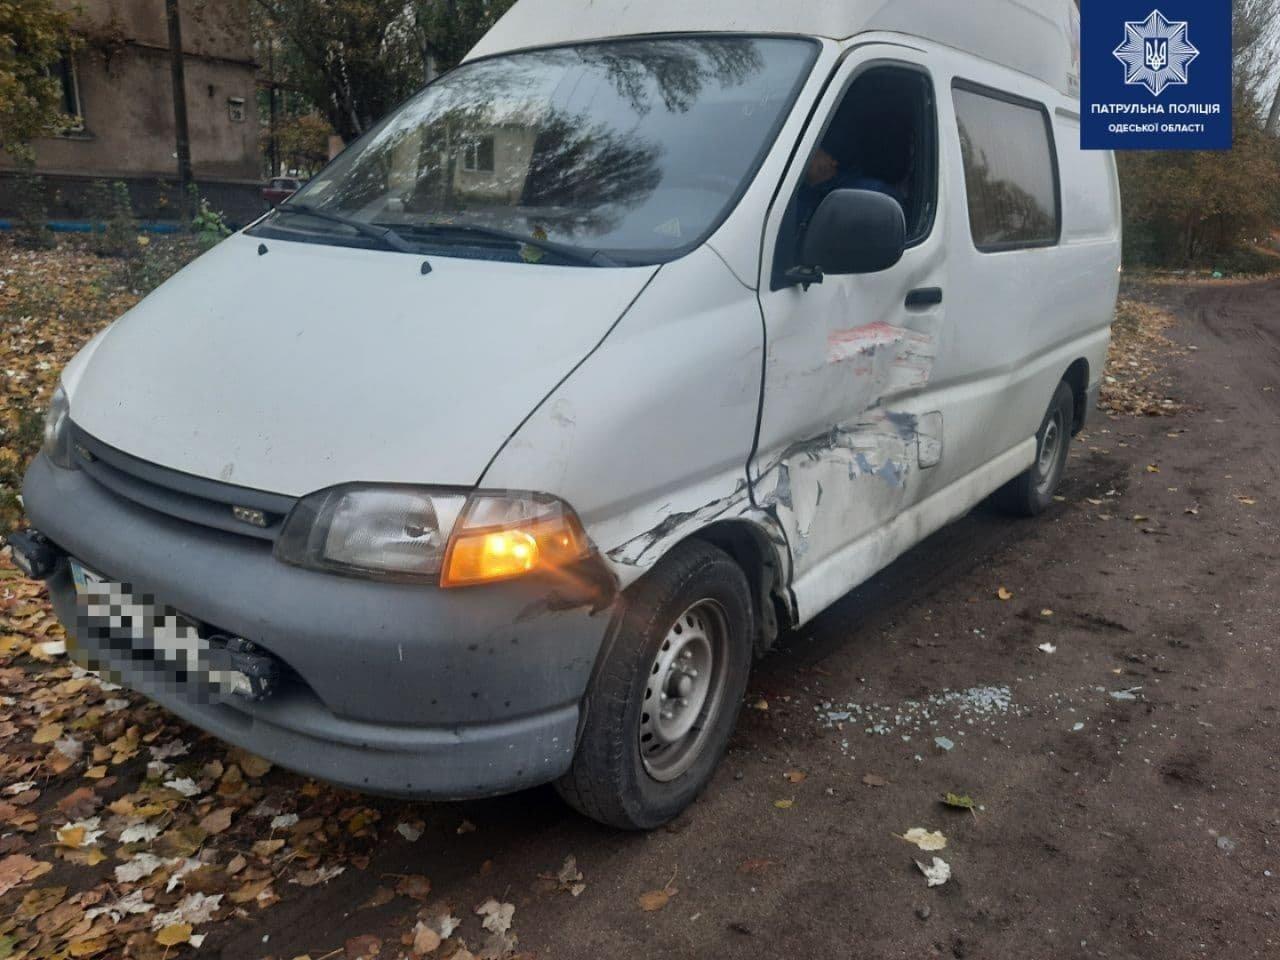 В Одессе в ДТП с тремя автомобилями пострадал мужчина, - ФОТО, фото-3